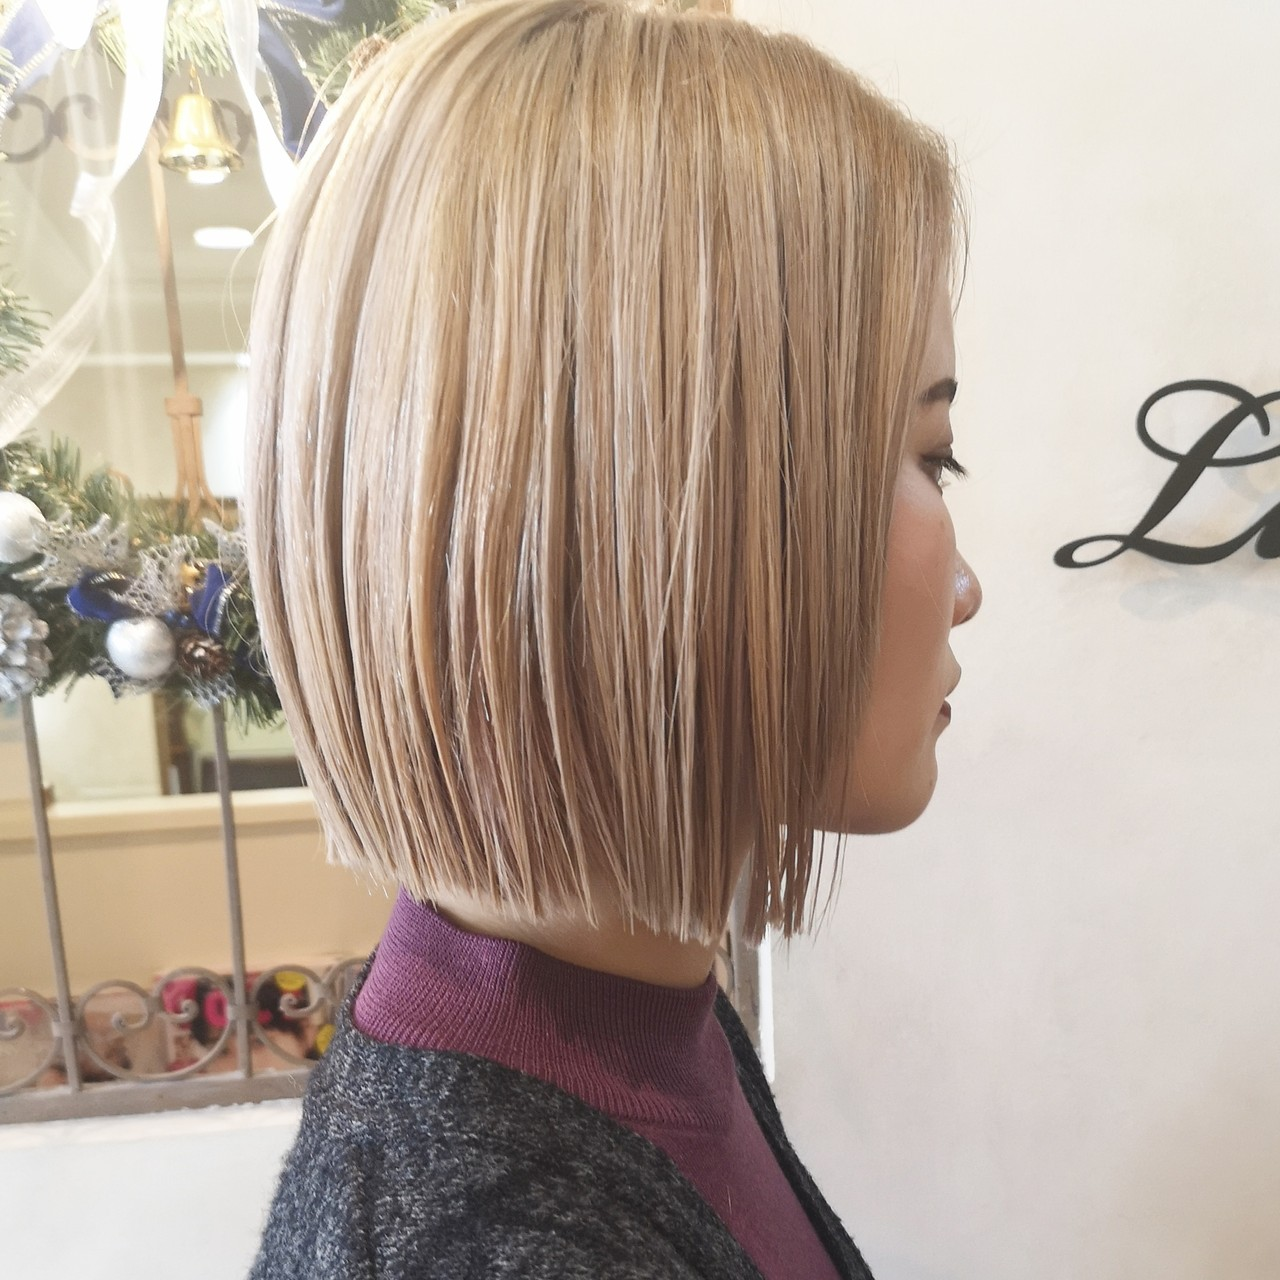 ハイトーンカラー ストリート ダブルカラー ボブ ヘアスタイルや髪型の写真・画像 | Yusuke Matsumoto / HAIR'S Lunetta 心斎橋